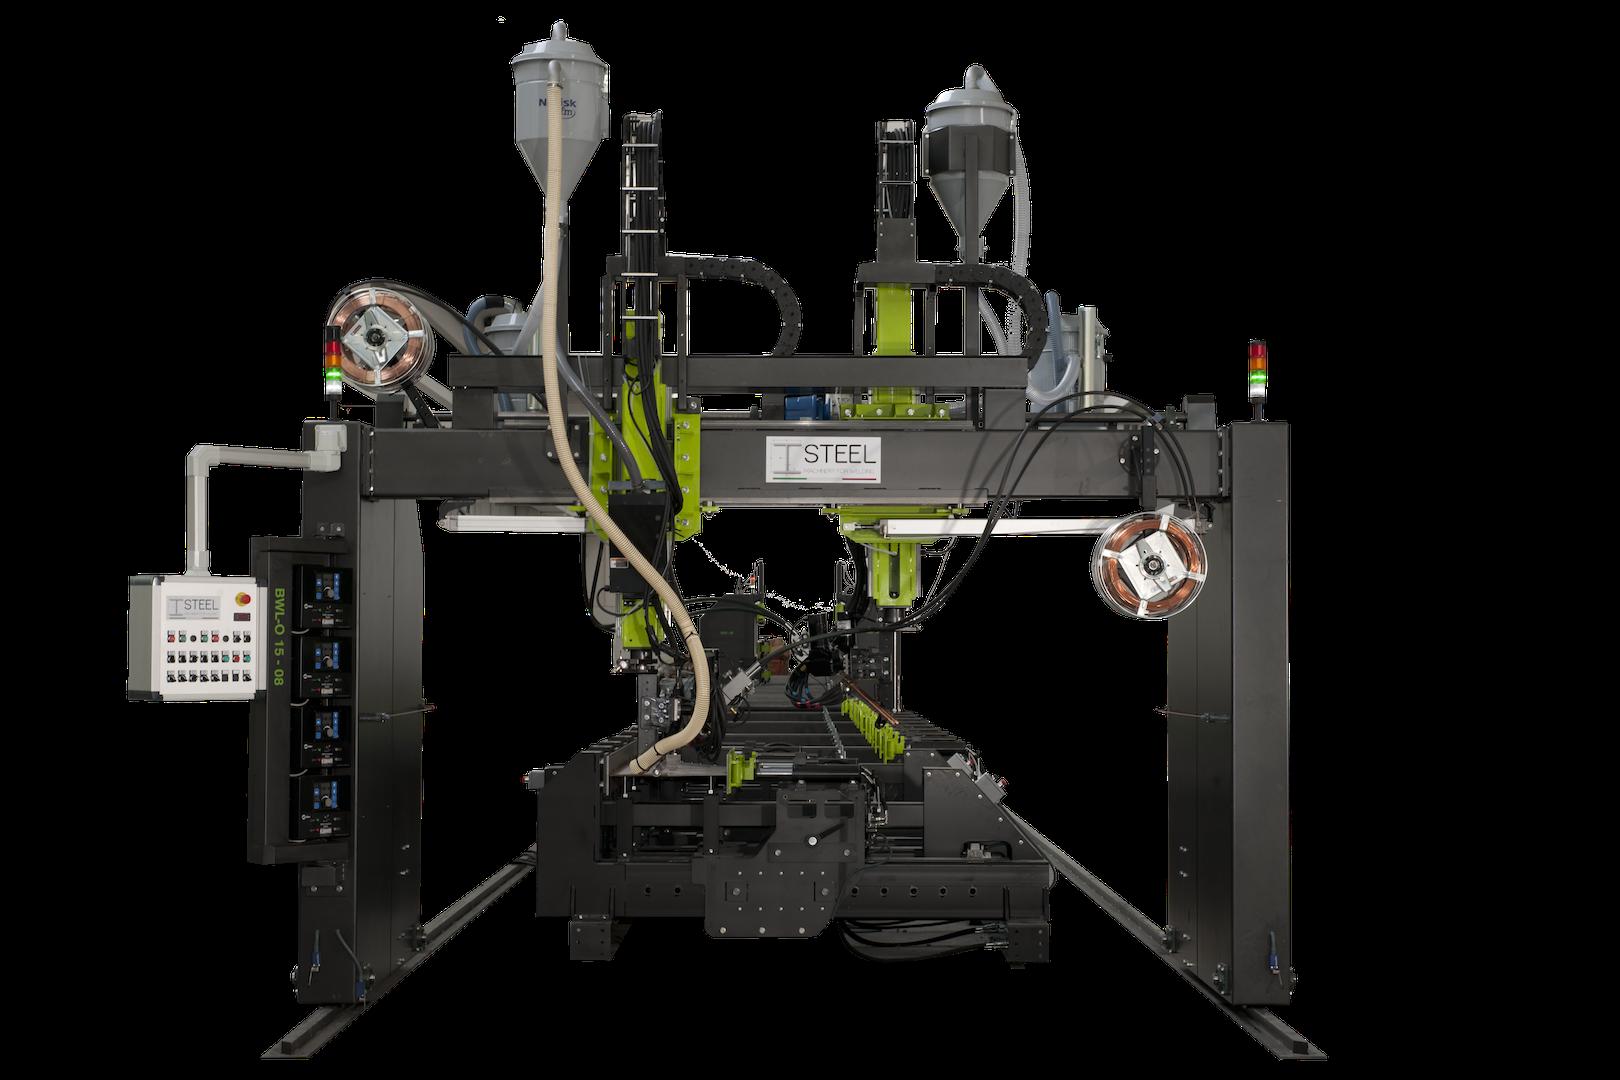 macchinario industriale fotografo industriale